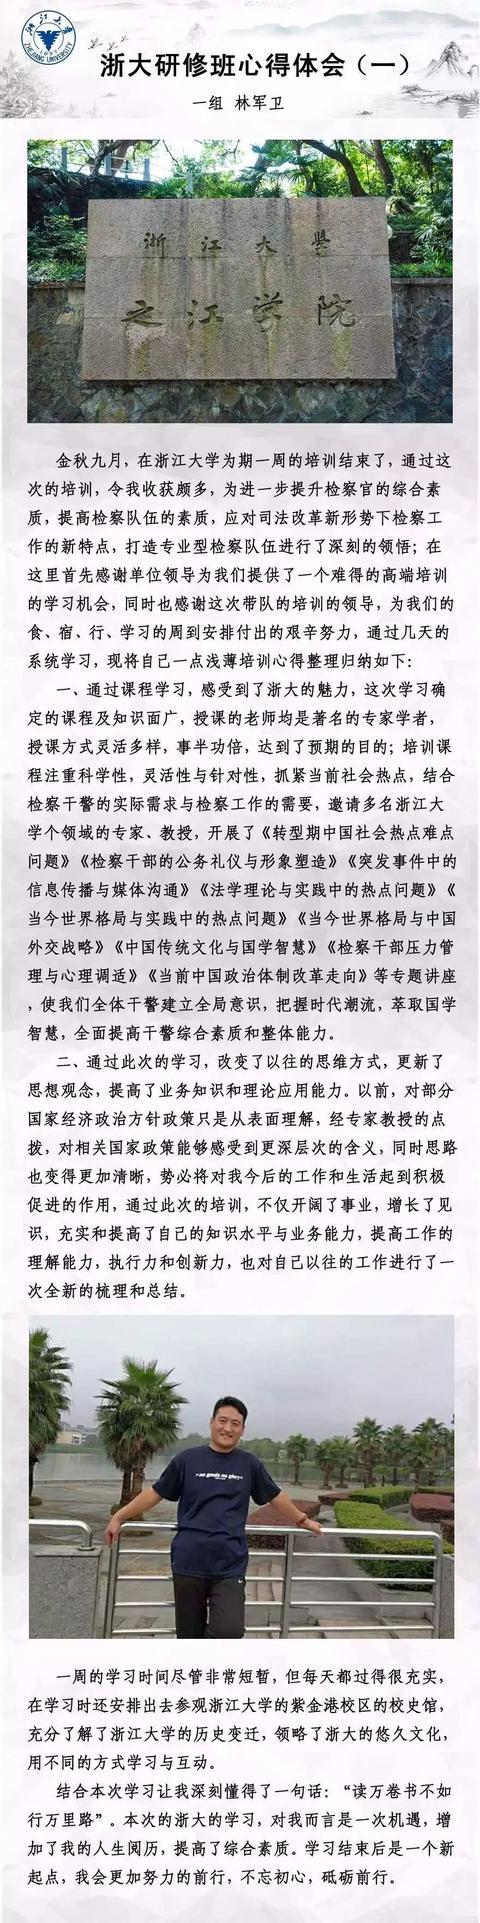 【美术组技能培训剪纸培训记录】浙大研修班心得体会(一)